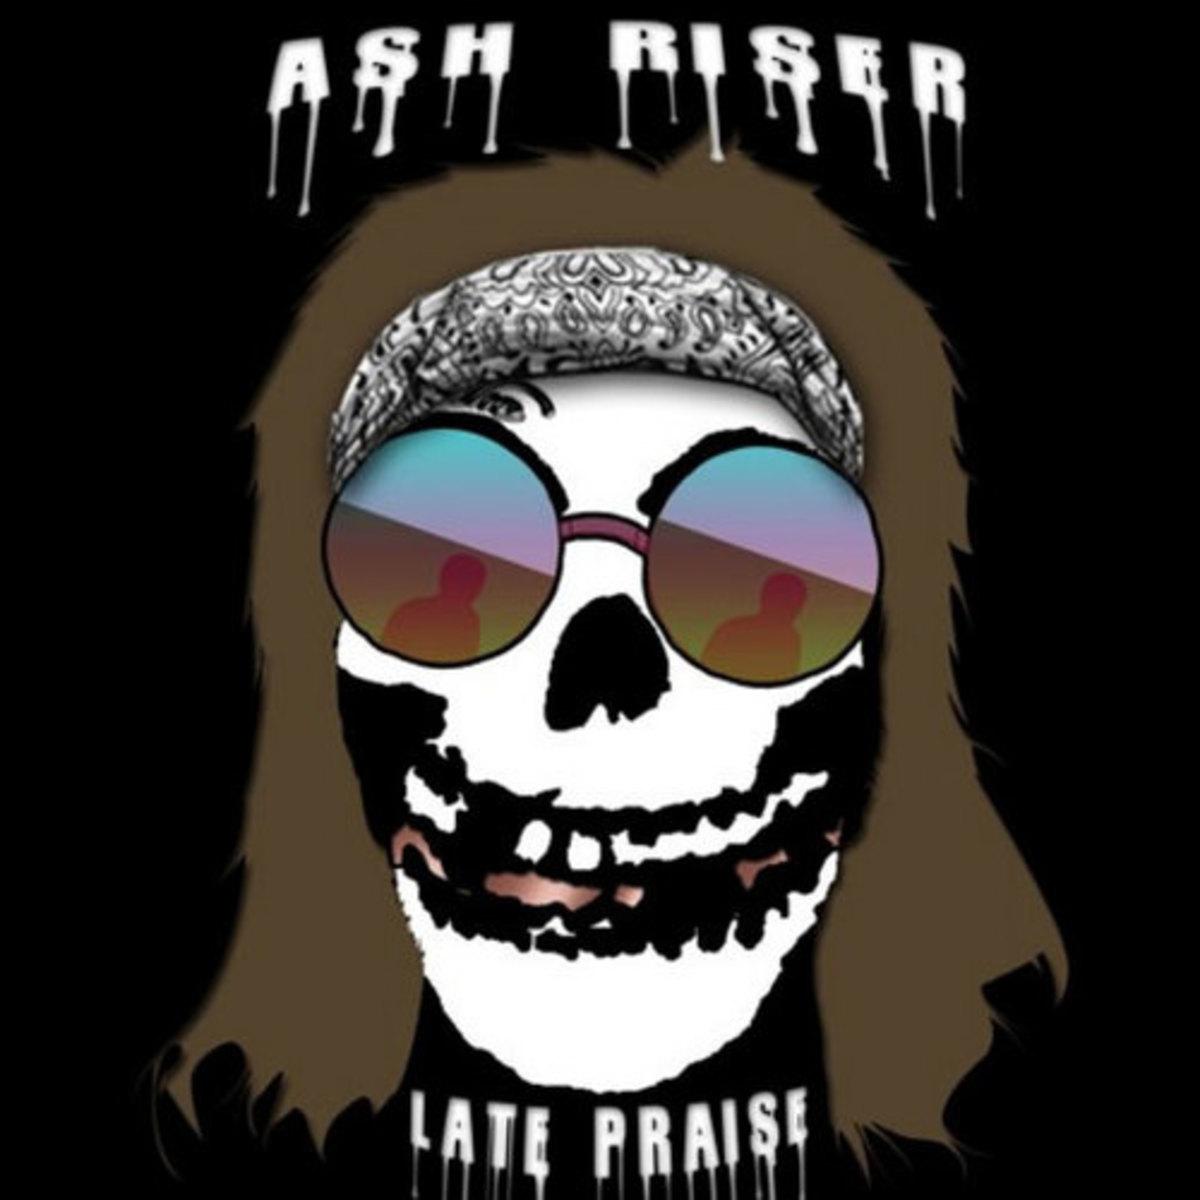 ash-riser-late-praise.jpg